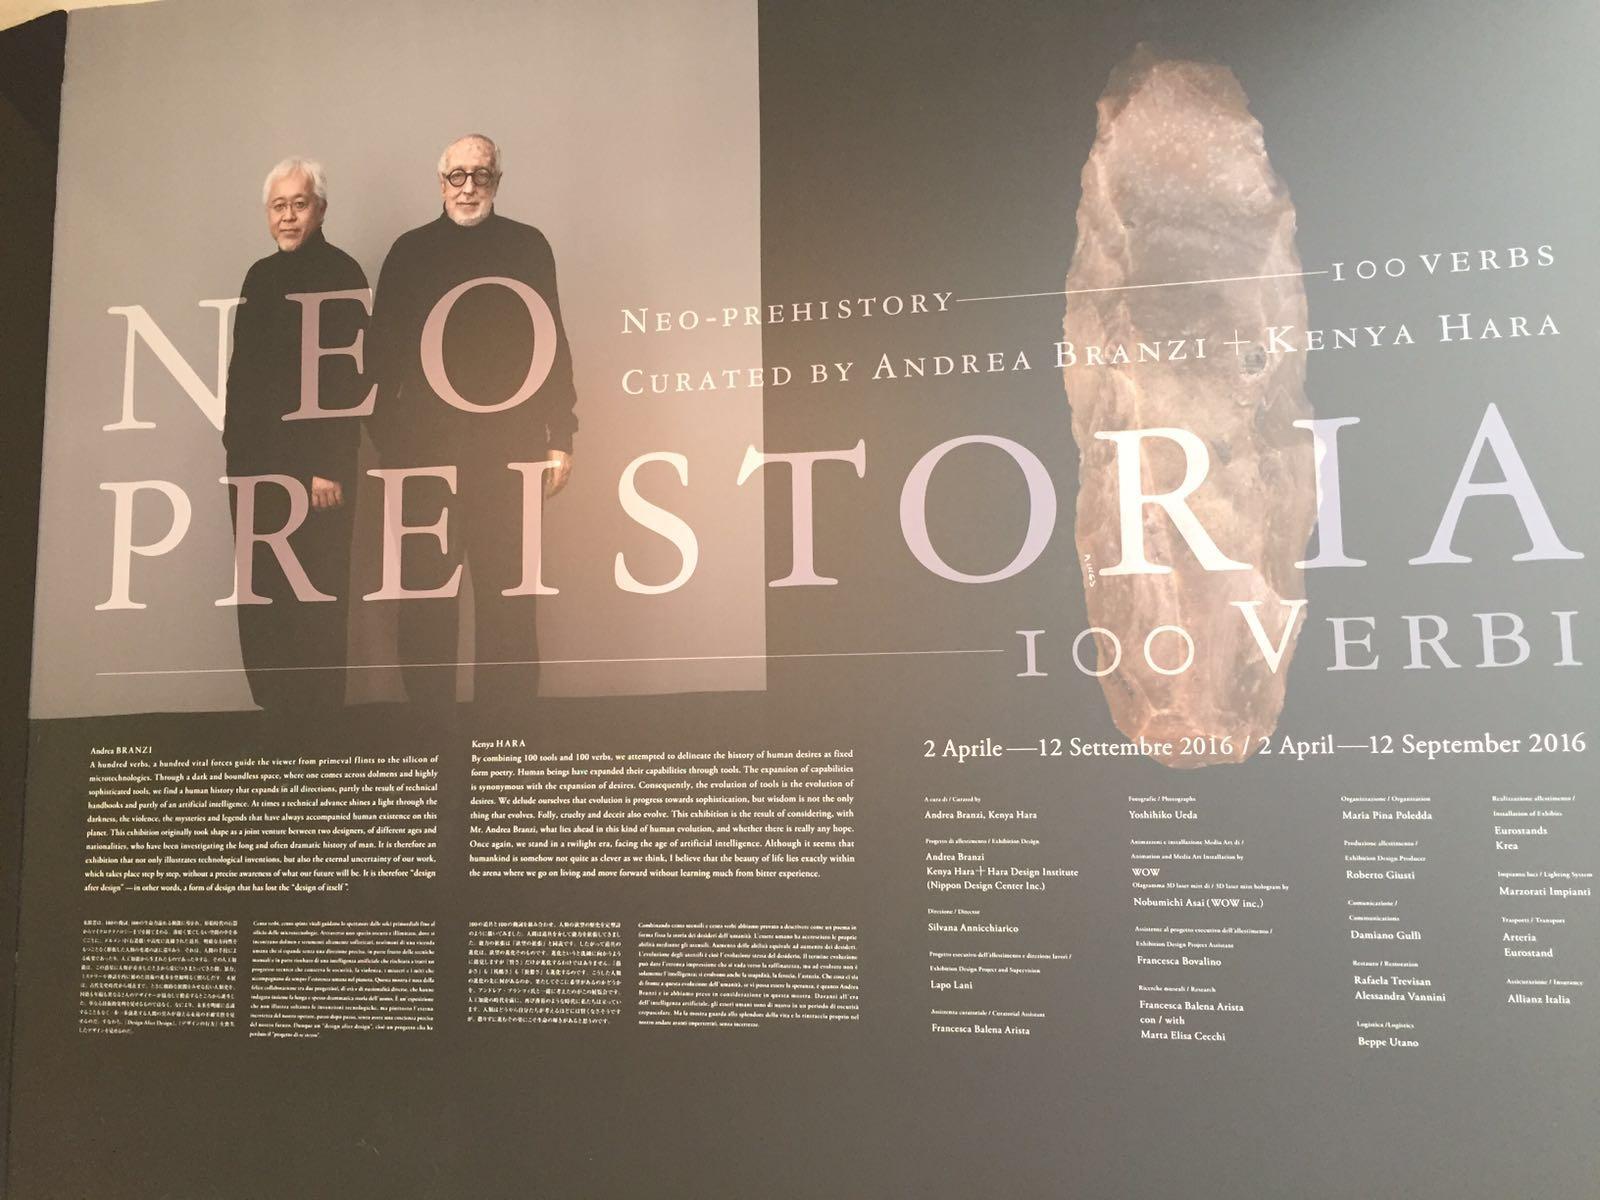 Neo Preistoria - 100 verbi